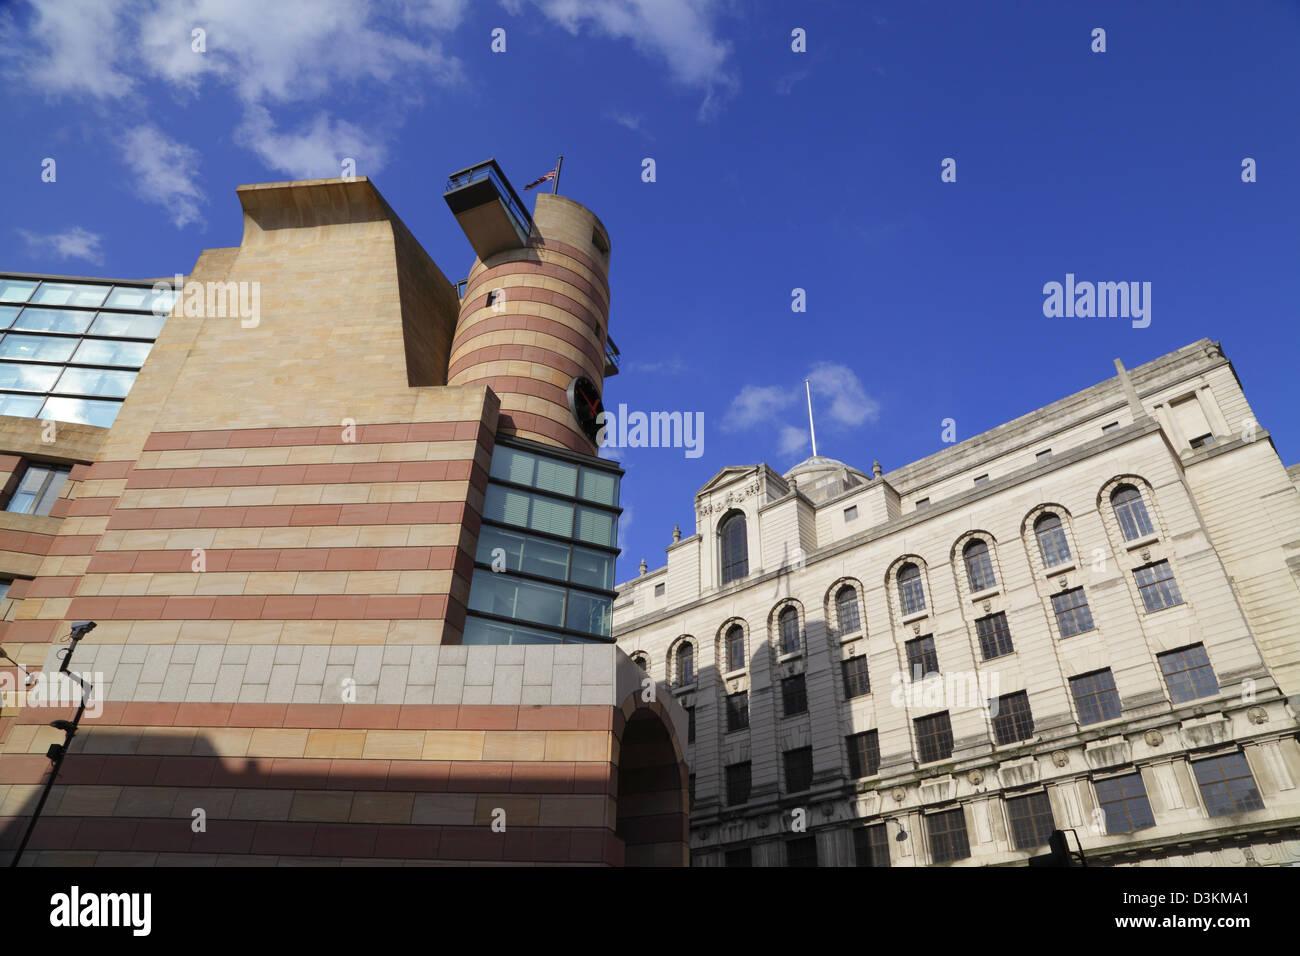 Città Architettura, un edificio di pollame, City of London, England, Regno Unito, GB Immagini Stock